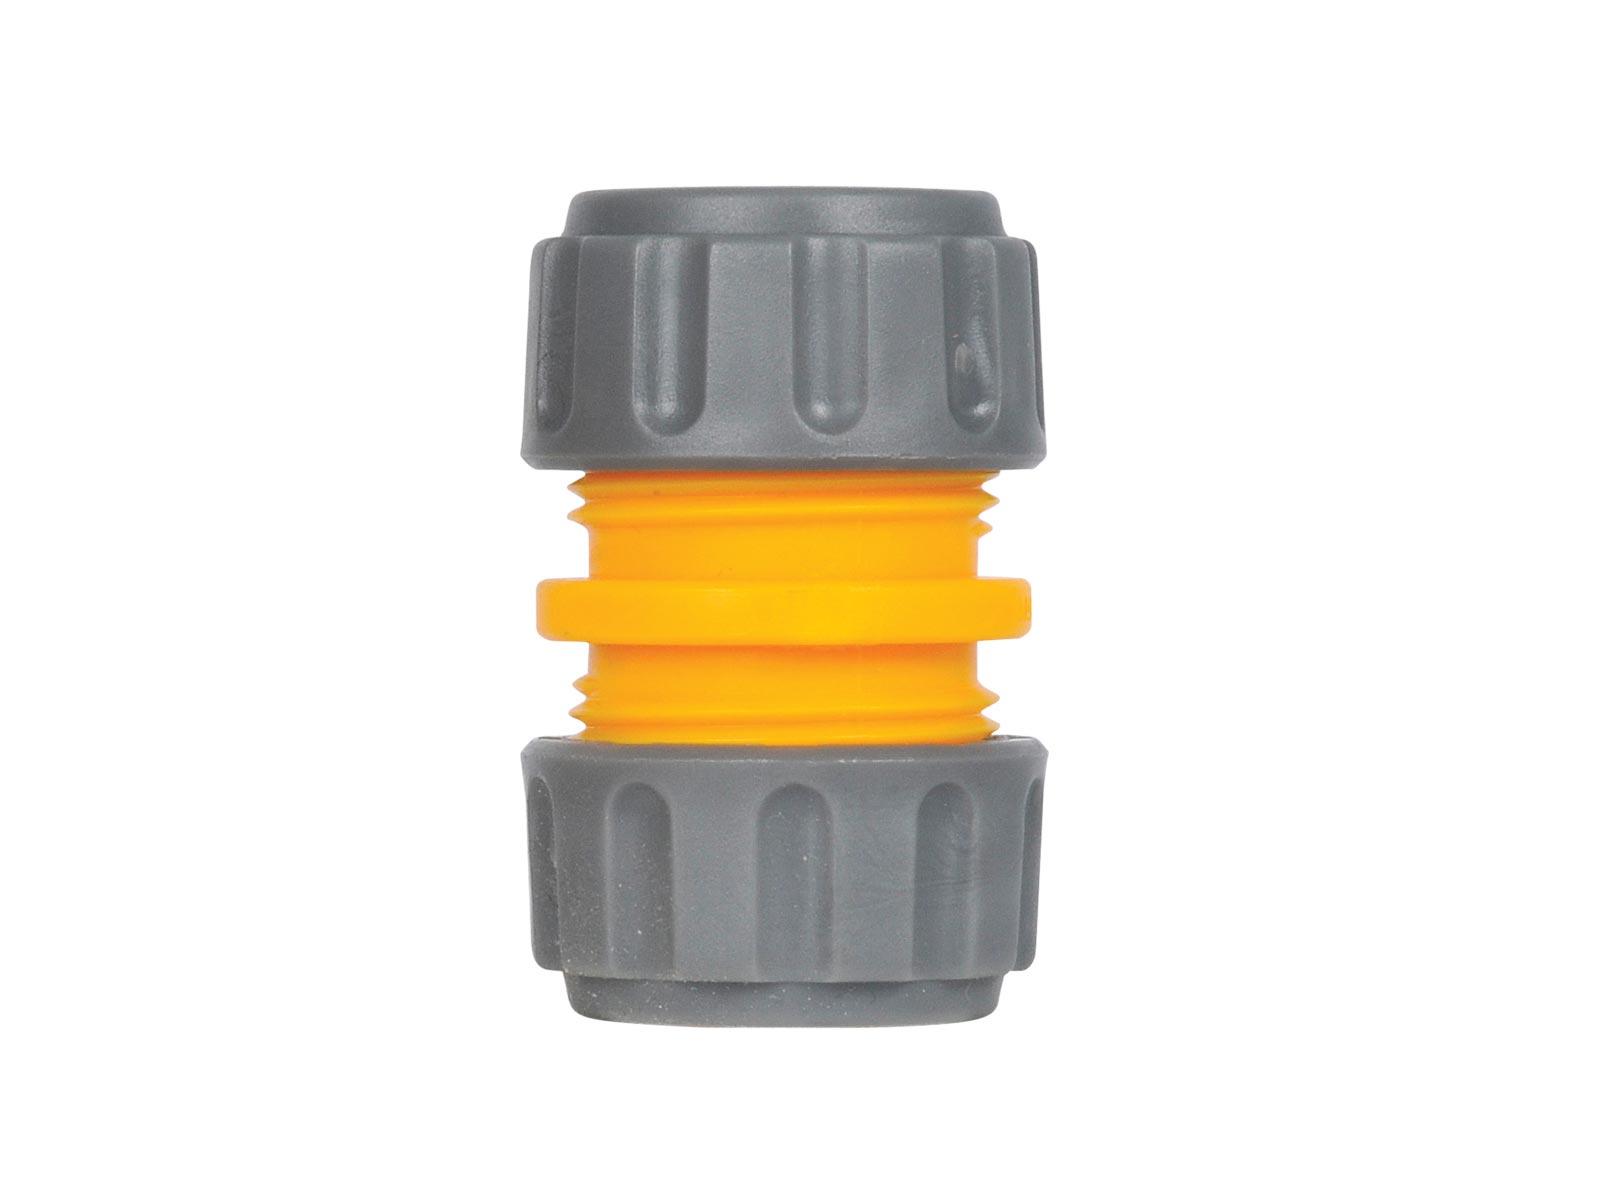 """Коннектор шланга Hozelock 2200 для ремонта шланга, 3/4"""", желтый, серый"""